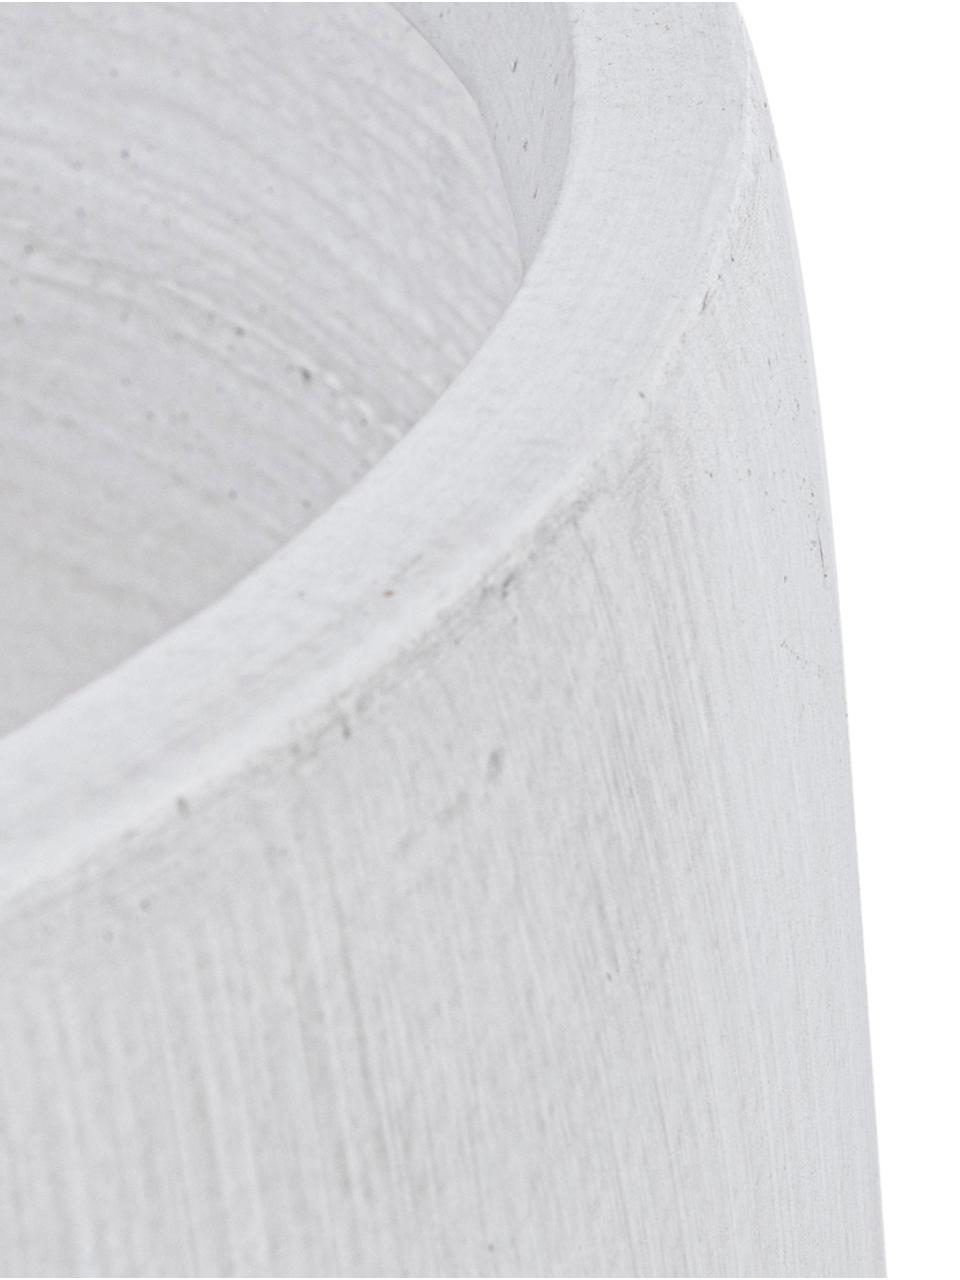 Großes Übertopf-Set Modena aus Kunstfaser, 2-tlg., Übertopf: Glasfaser, Gestell: Buchenholz, Weiß, Buchenholz, Sondergrößen